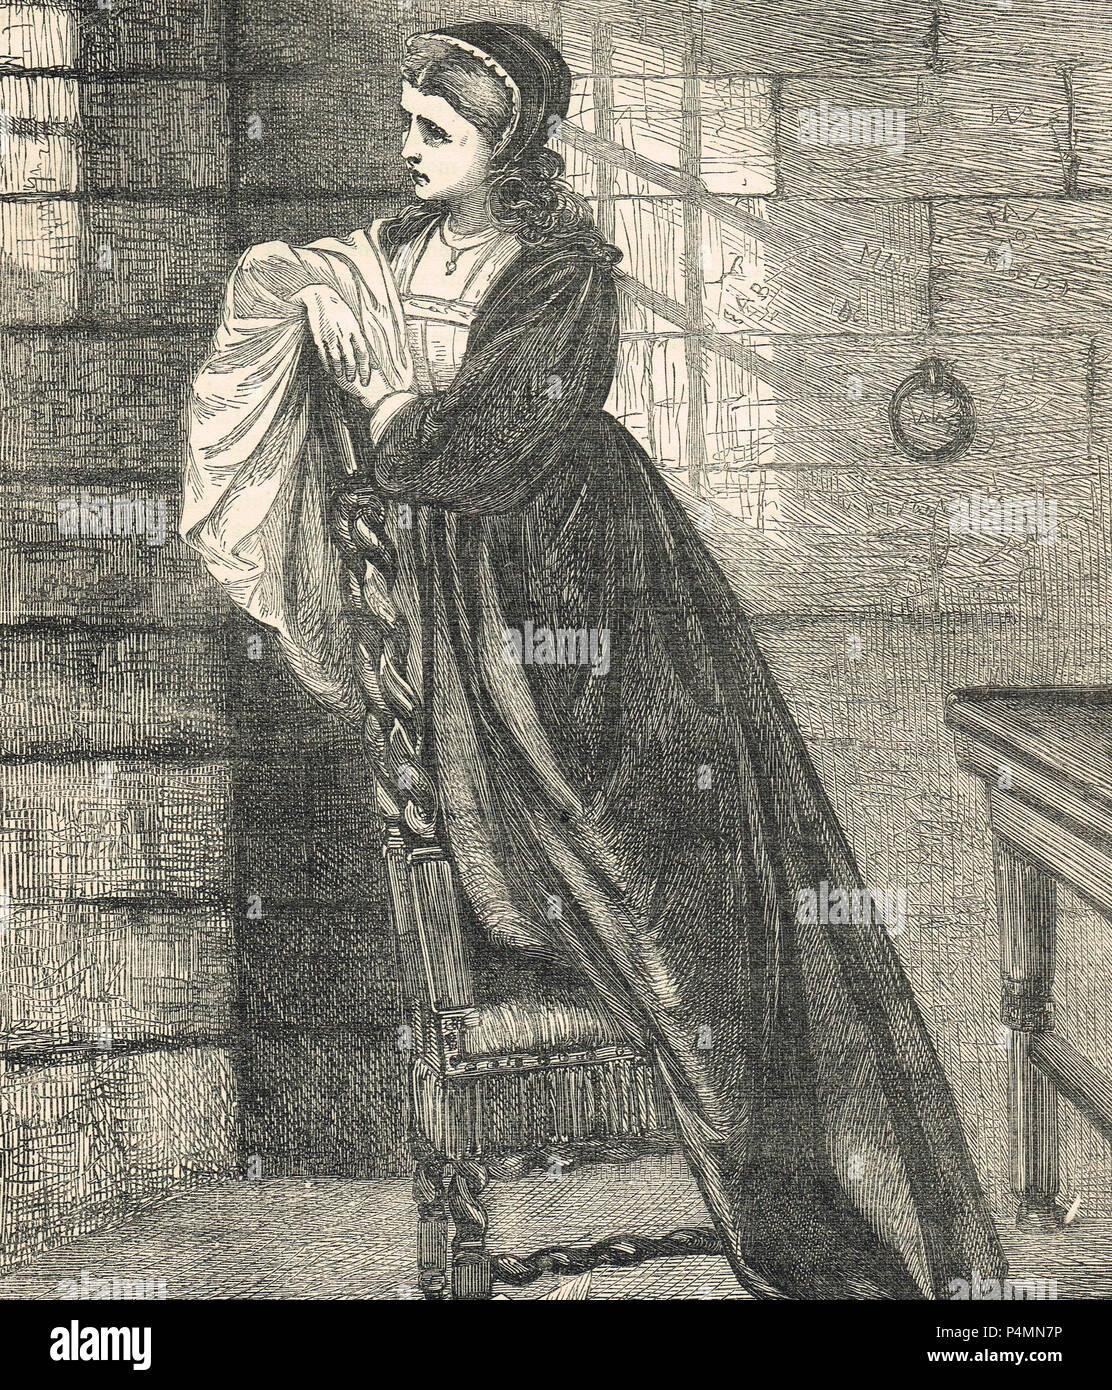 Lady Jane Grey, viendo a su marido pasar a la ejecución, el 12 de febrero de 1554 Imagen De Stock